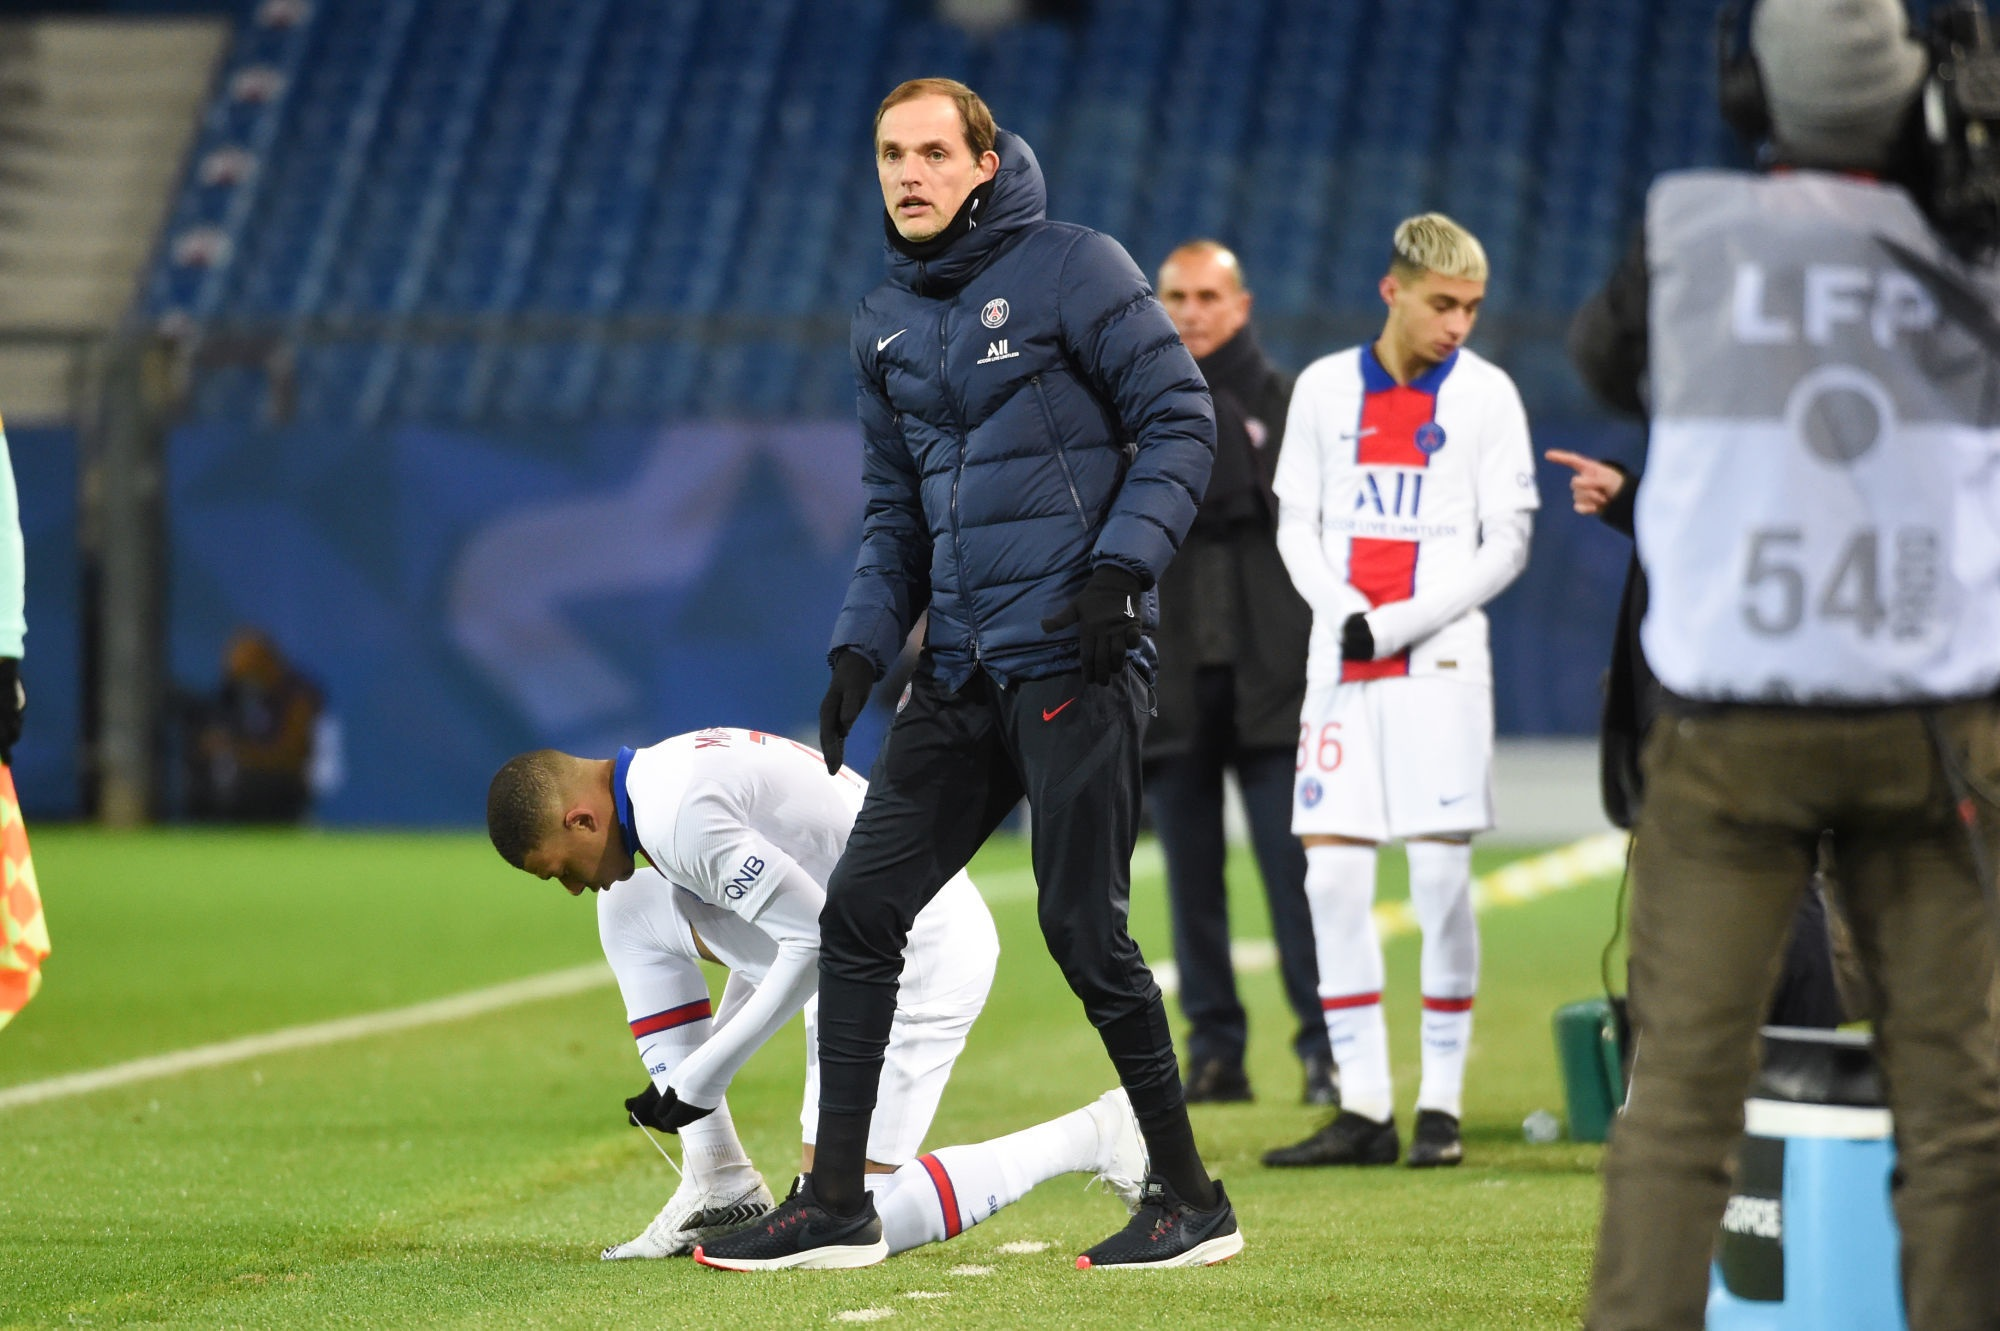 Montpellier/PSG - Tuchel évoque la rotation, la fatigue qui doit être habituelle et Mbappé